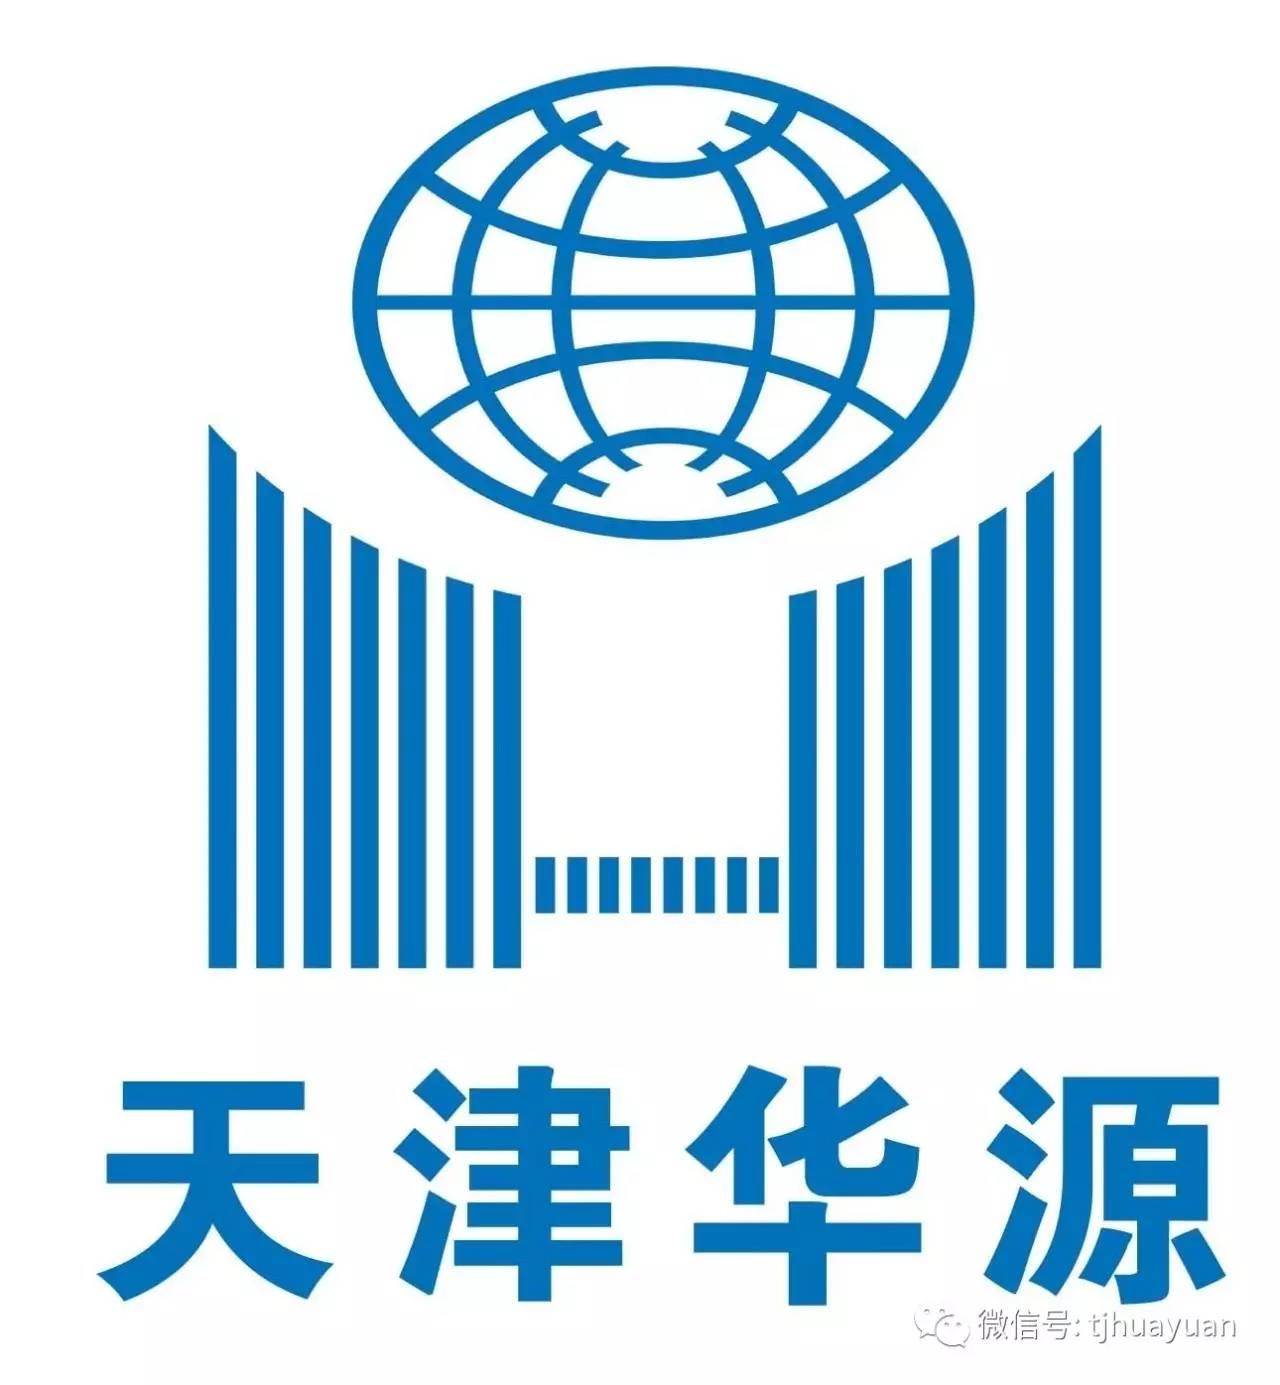 天津华源集团工会主席邢淑静女士获得全国五一劳动奖章